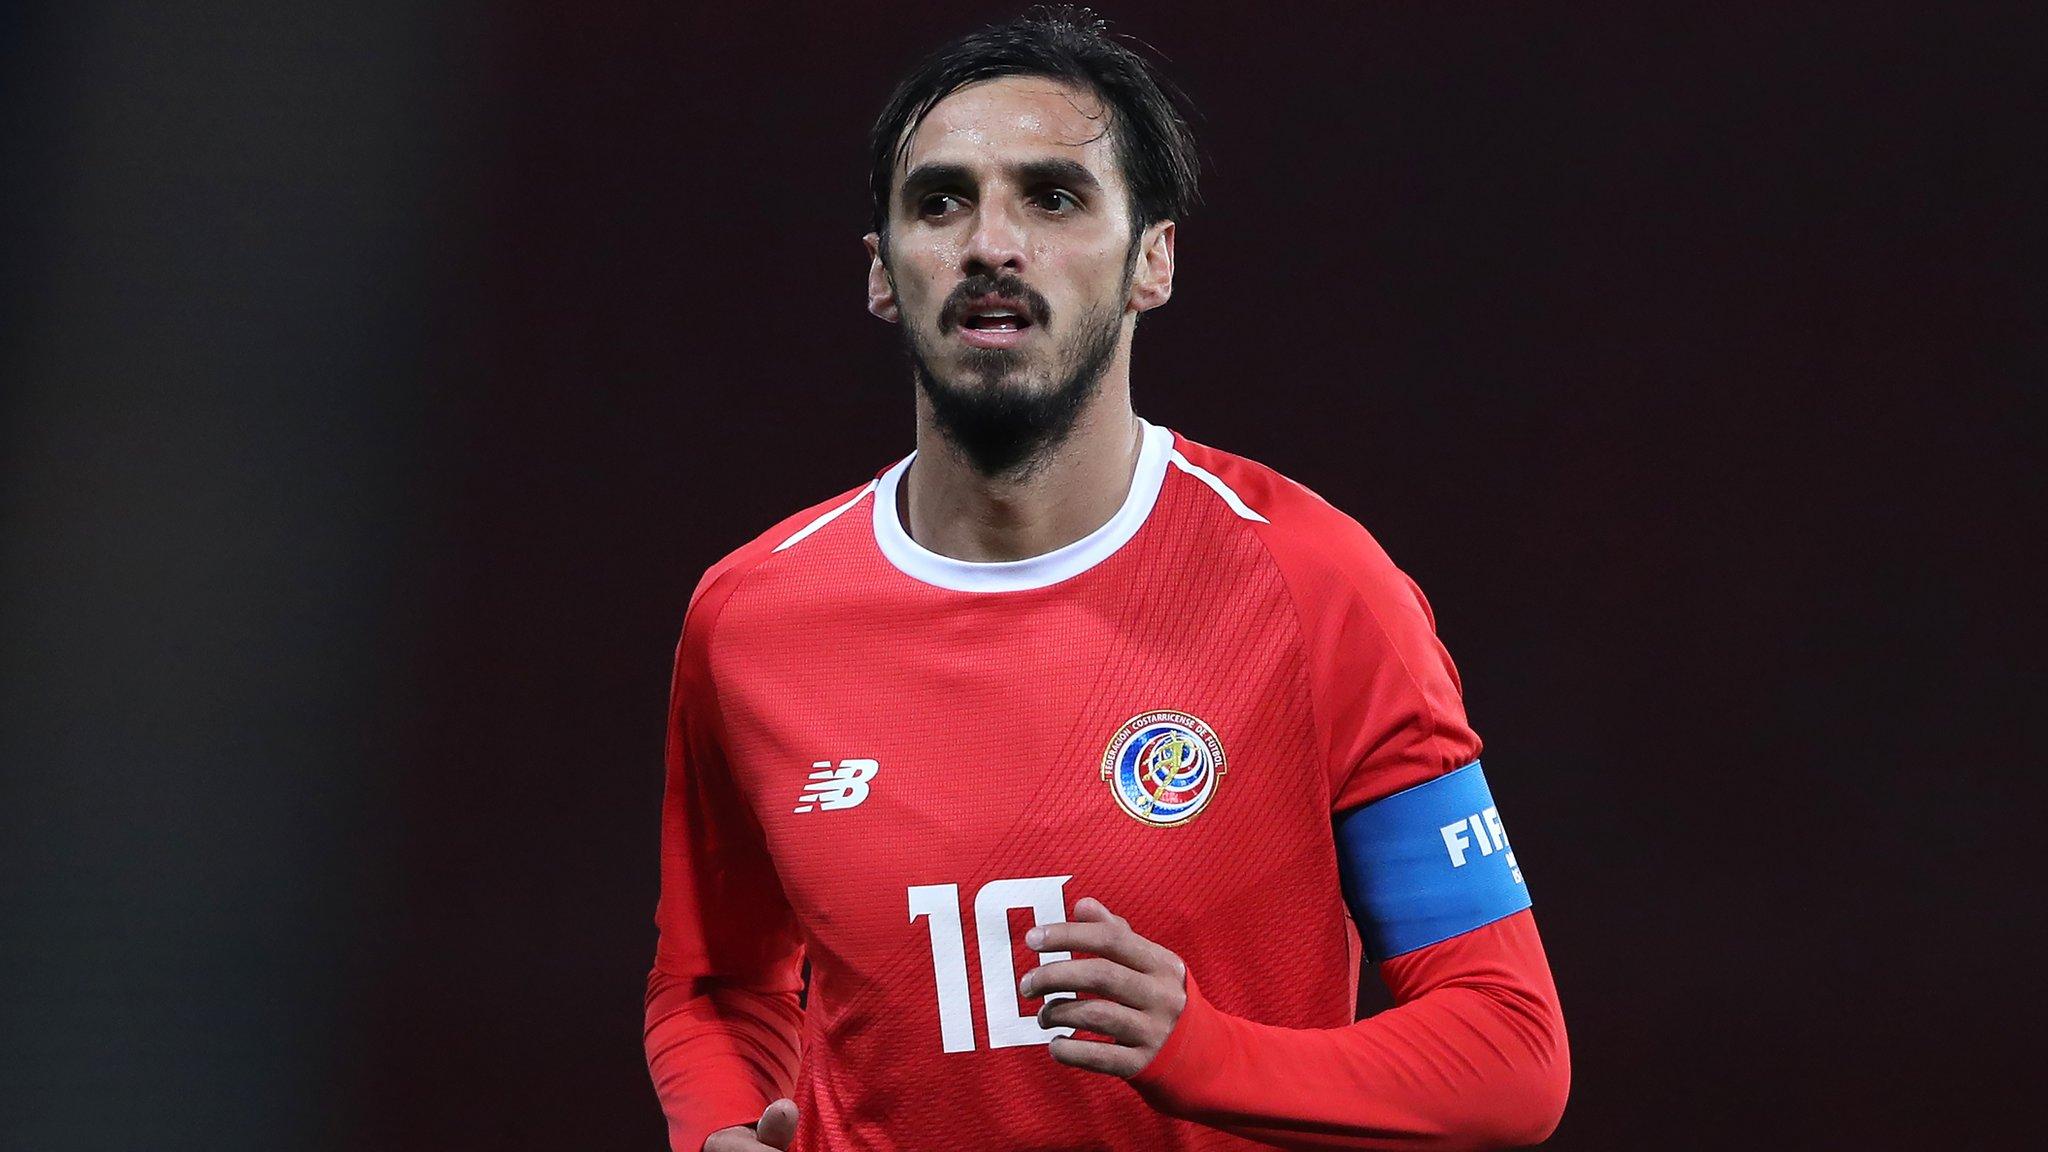 World Cup 2018: Bryan Ruiz to captain Costa Rica in Russia